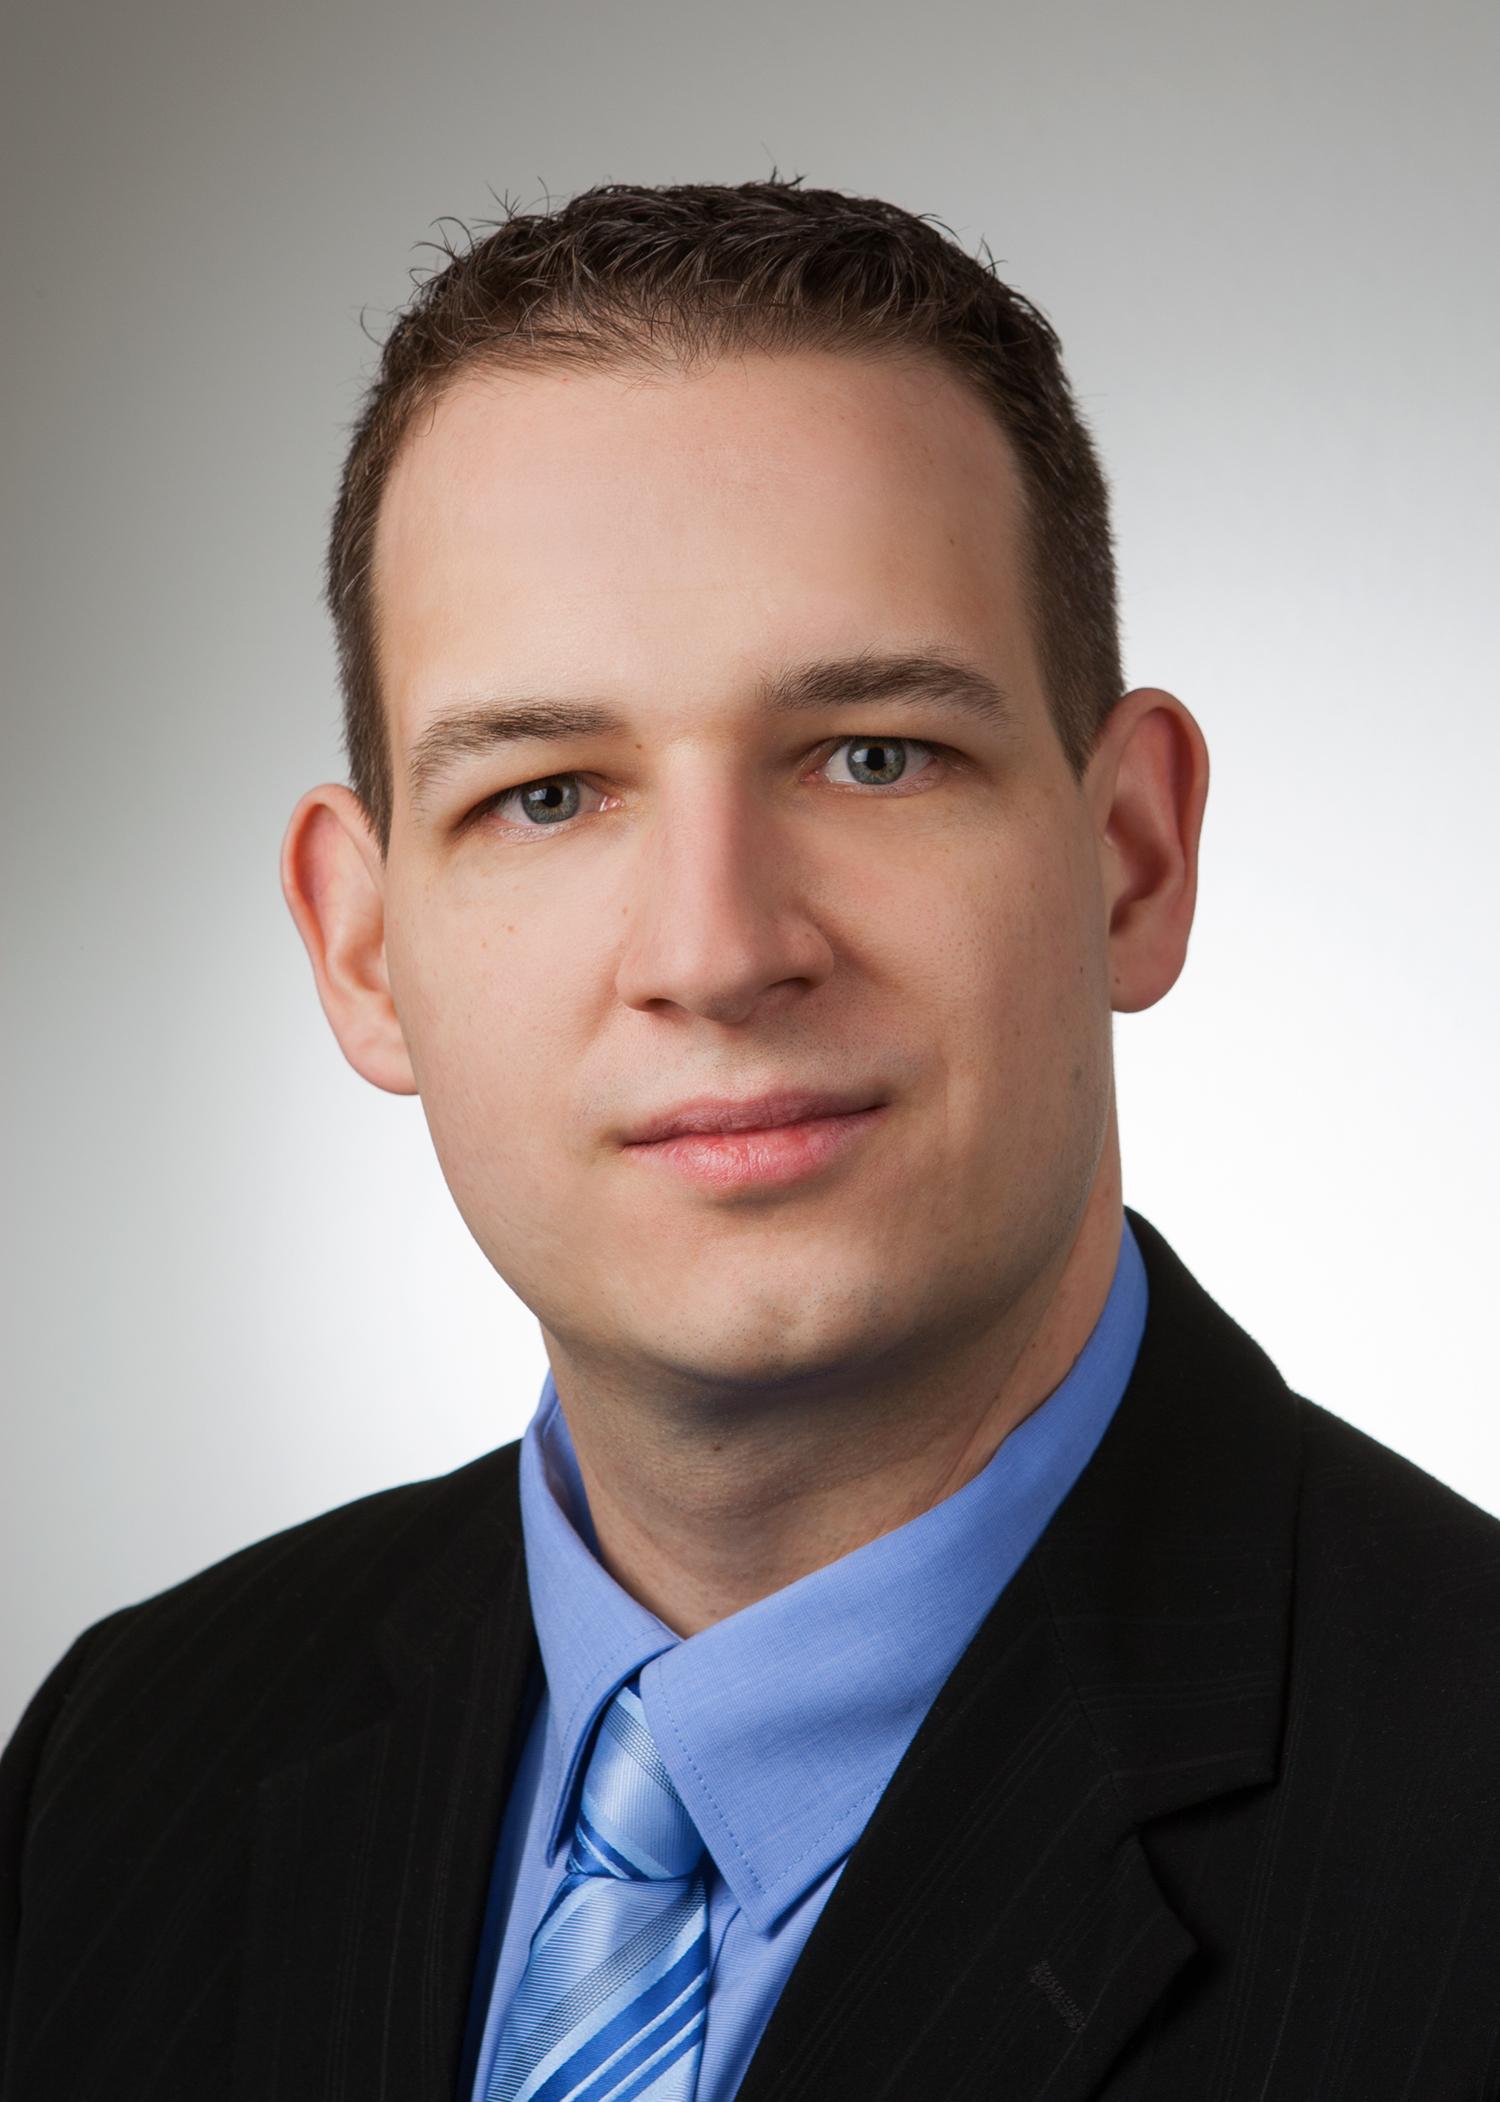 Martin Sageder